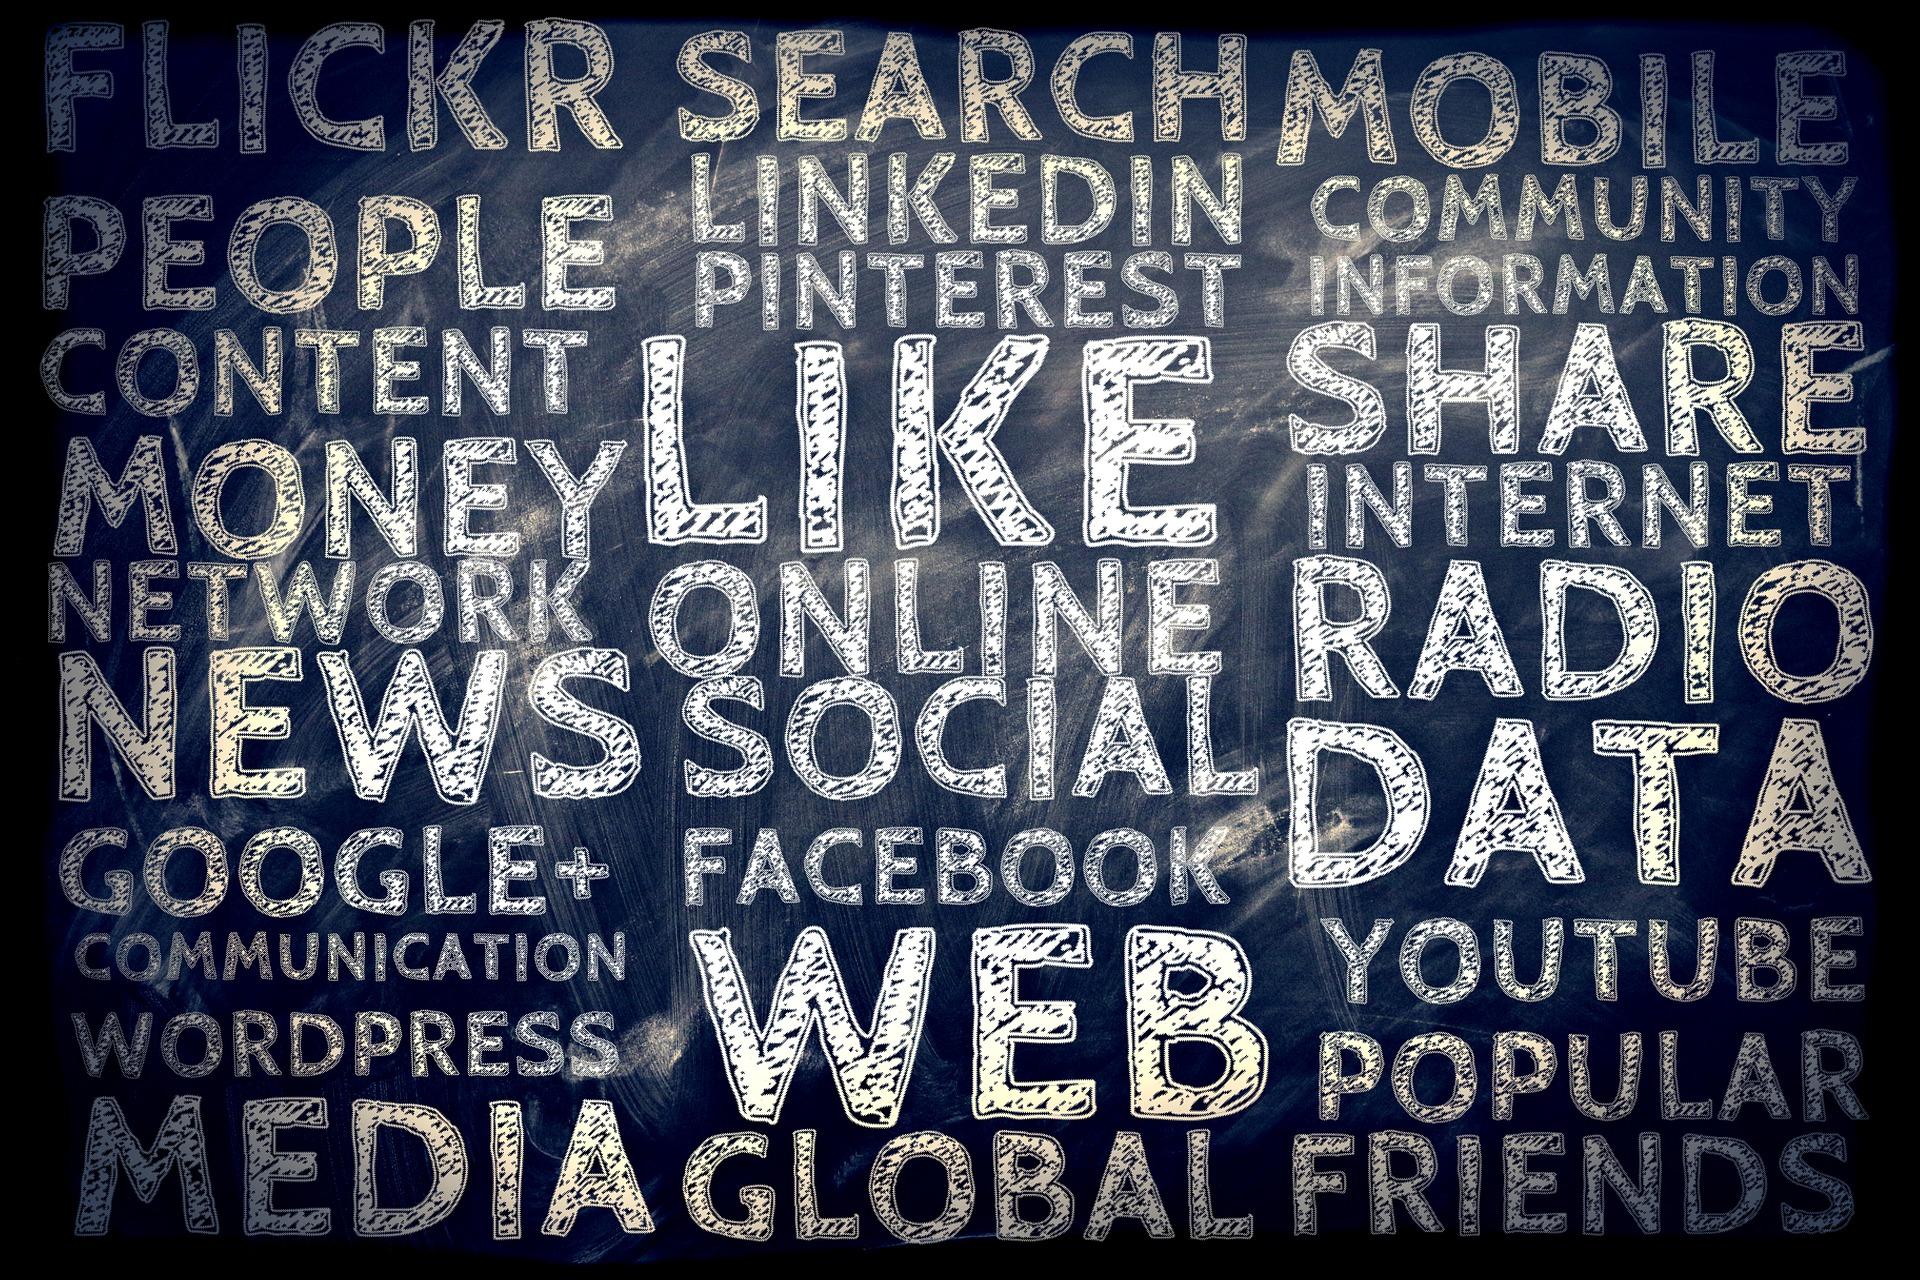 Conseils sur les réseaux sociaux